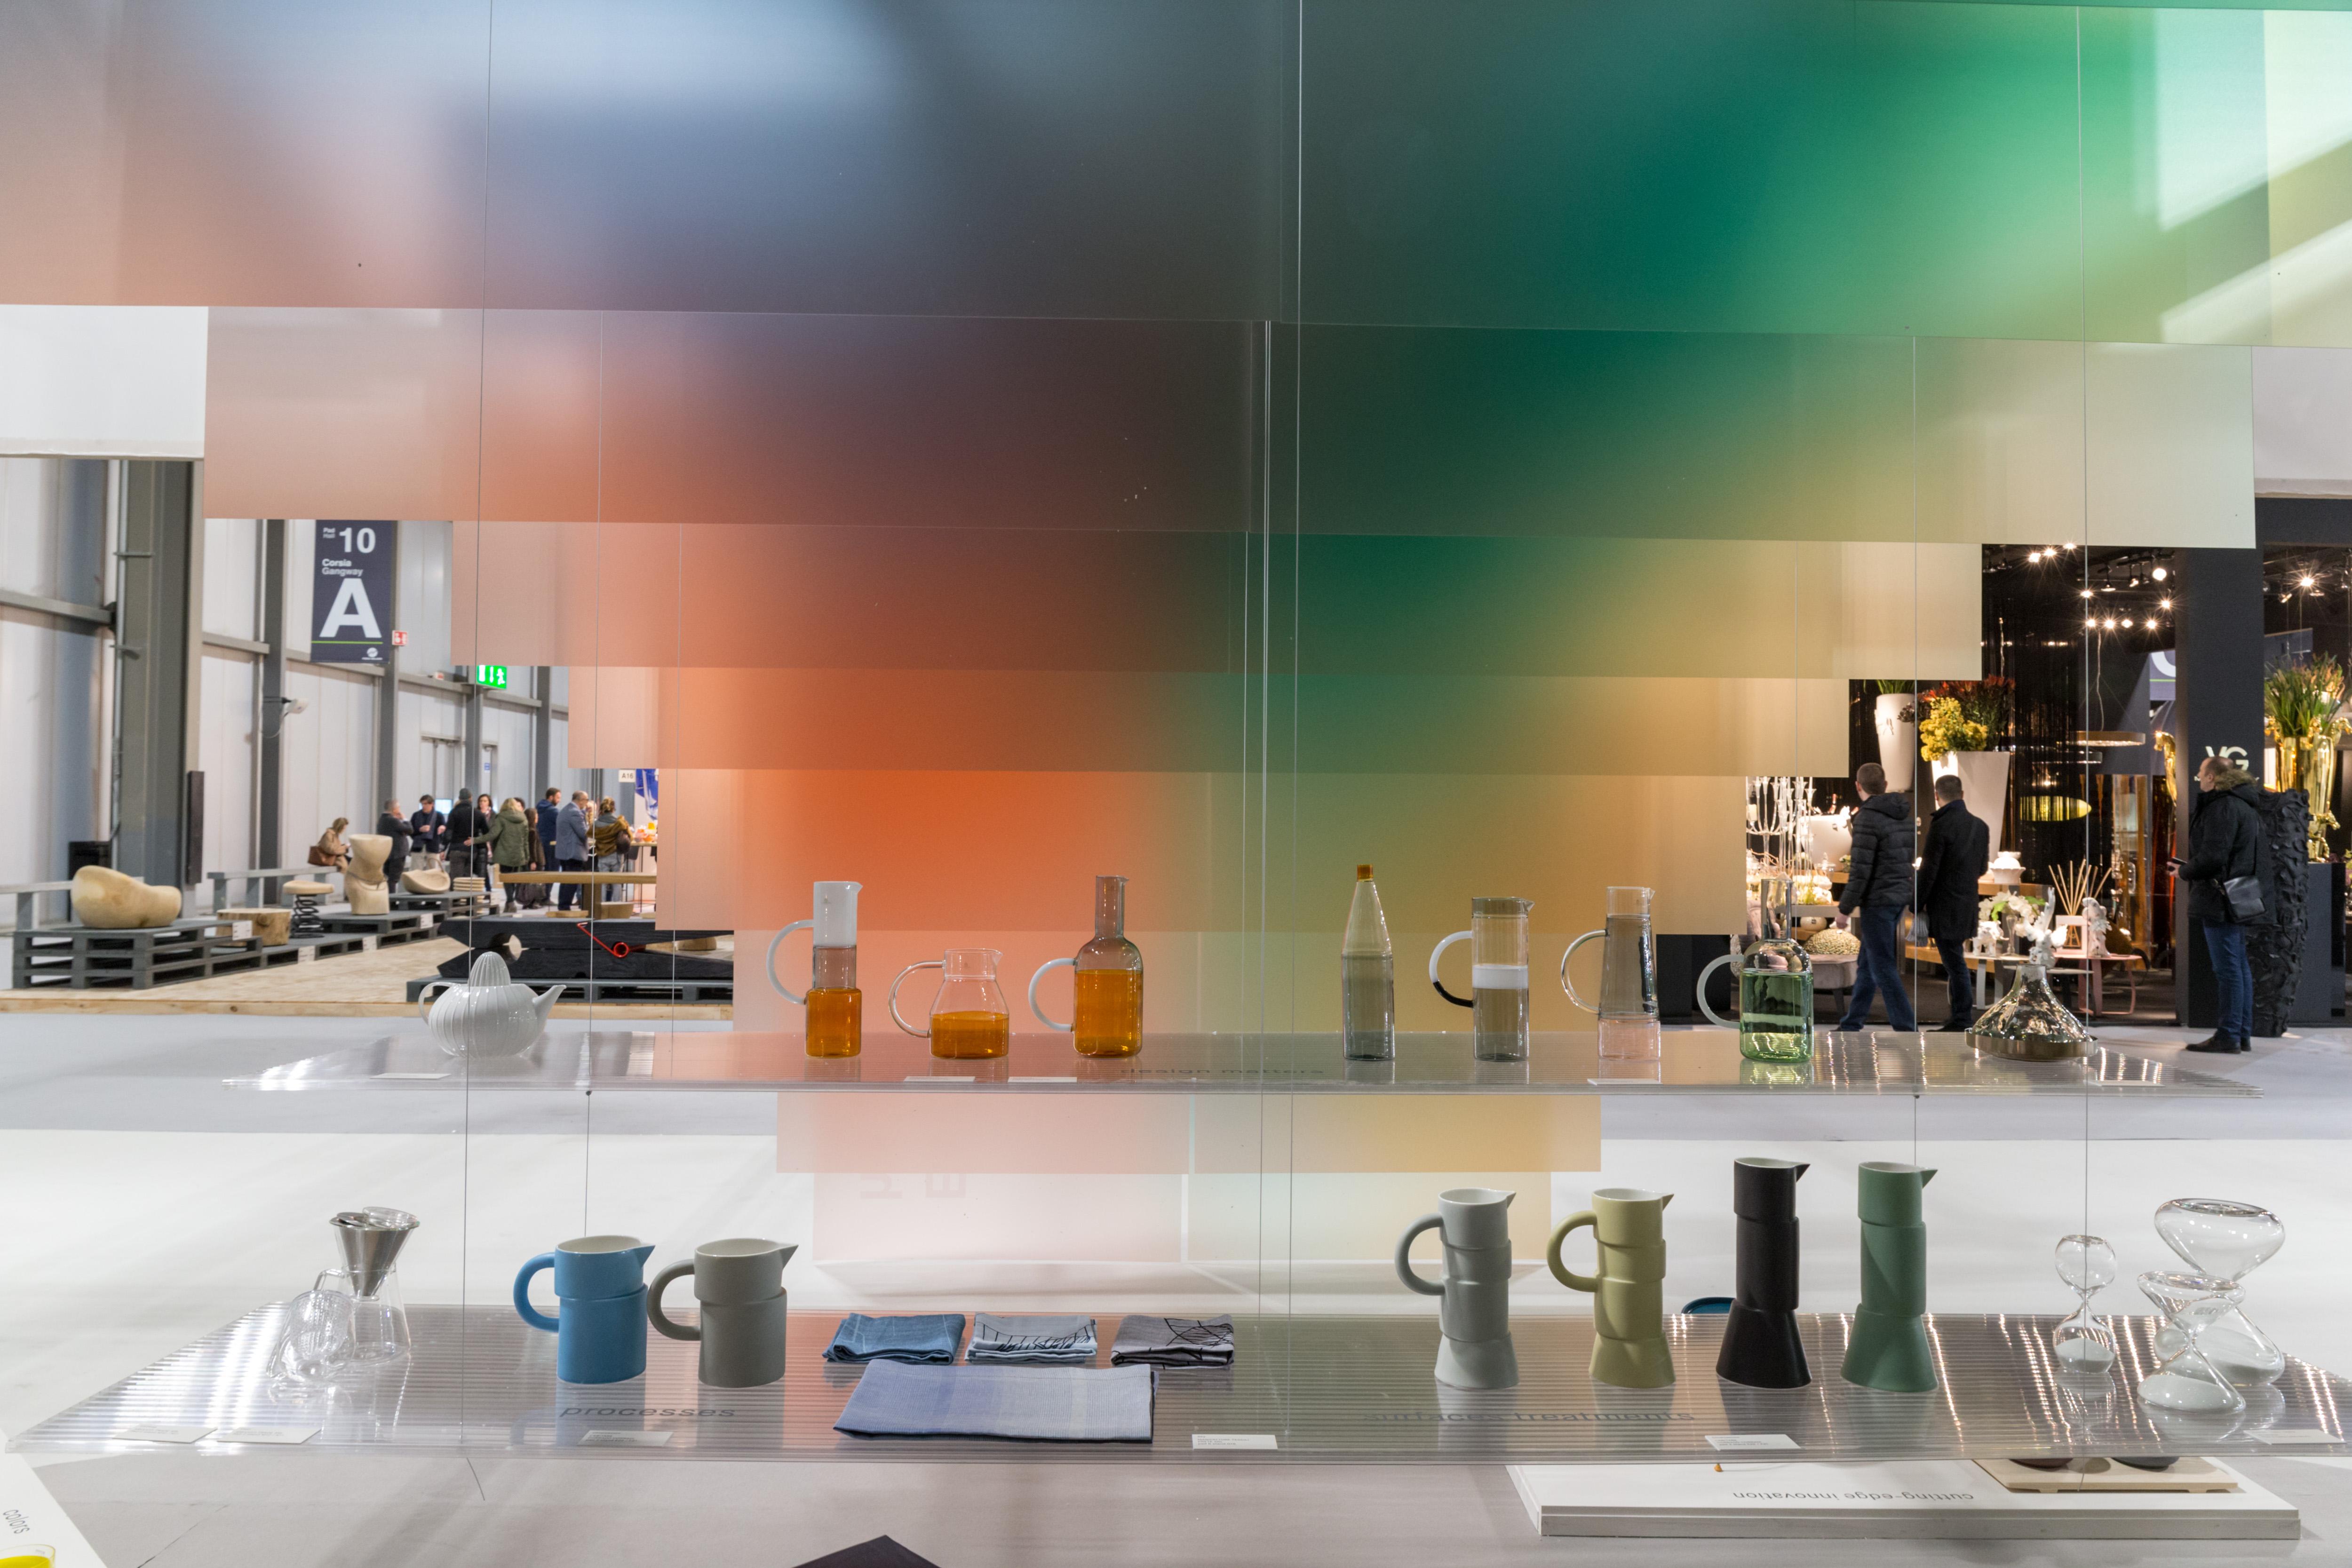 Il design veste le idee al salone degli stili di vita for Fiera milano design